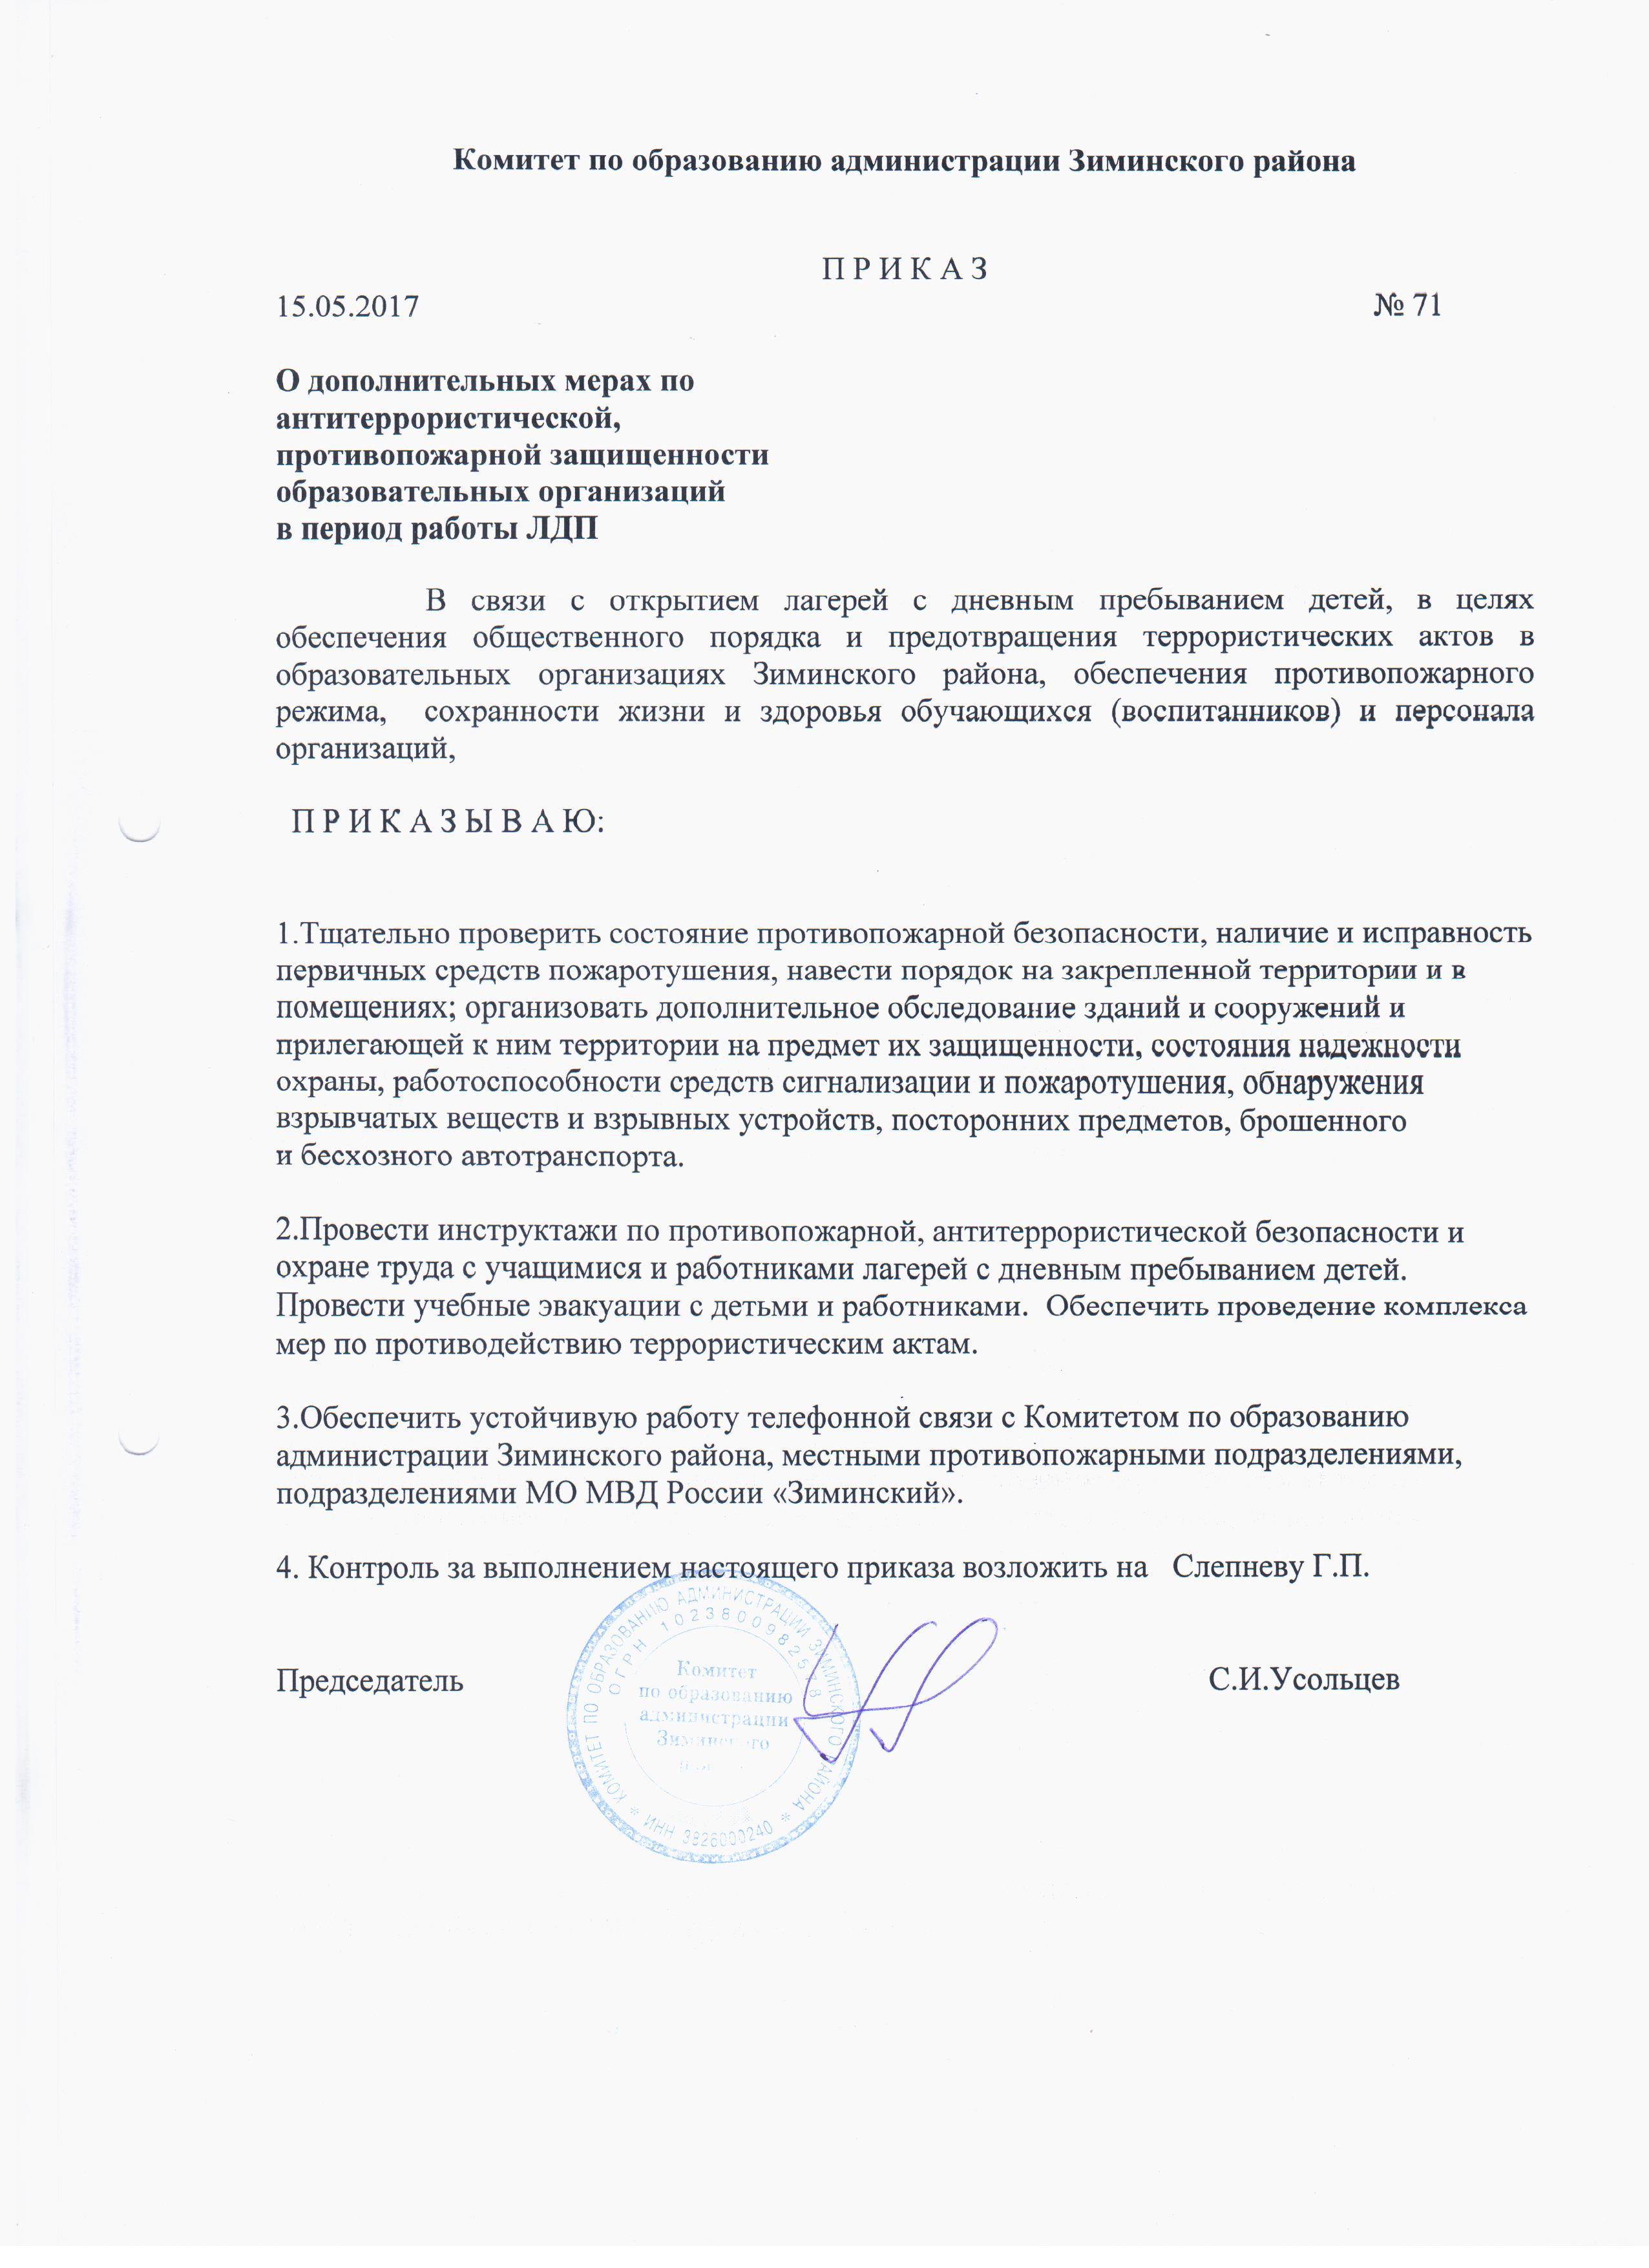 Комитет по образованию администрации зиминского района.